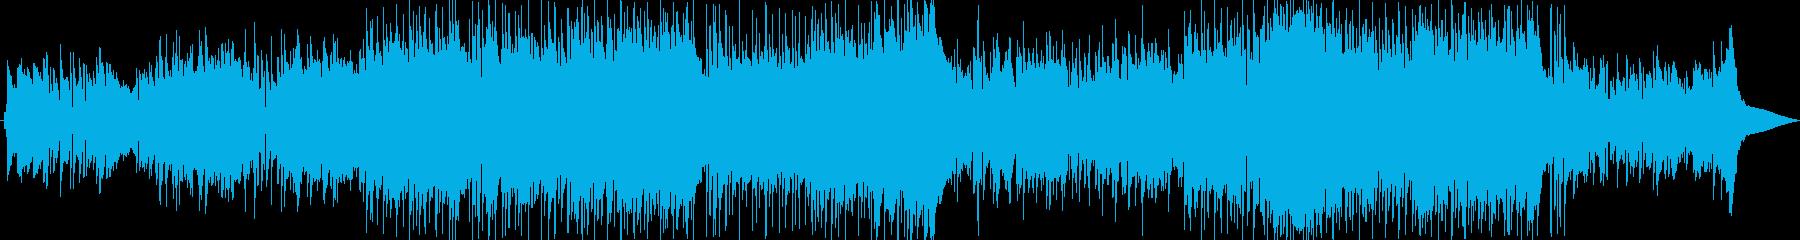 英語の歌詞 ロックバラード 切ない雰囲気の再生済みの波形